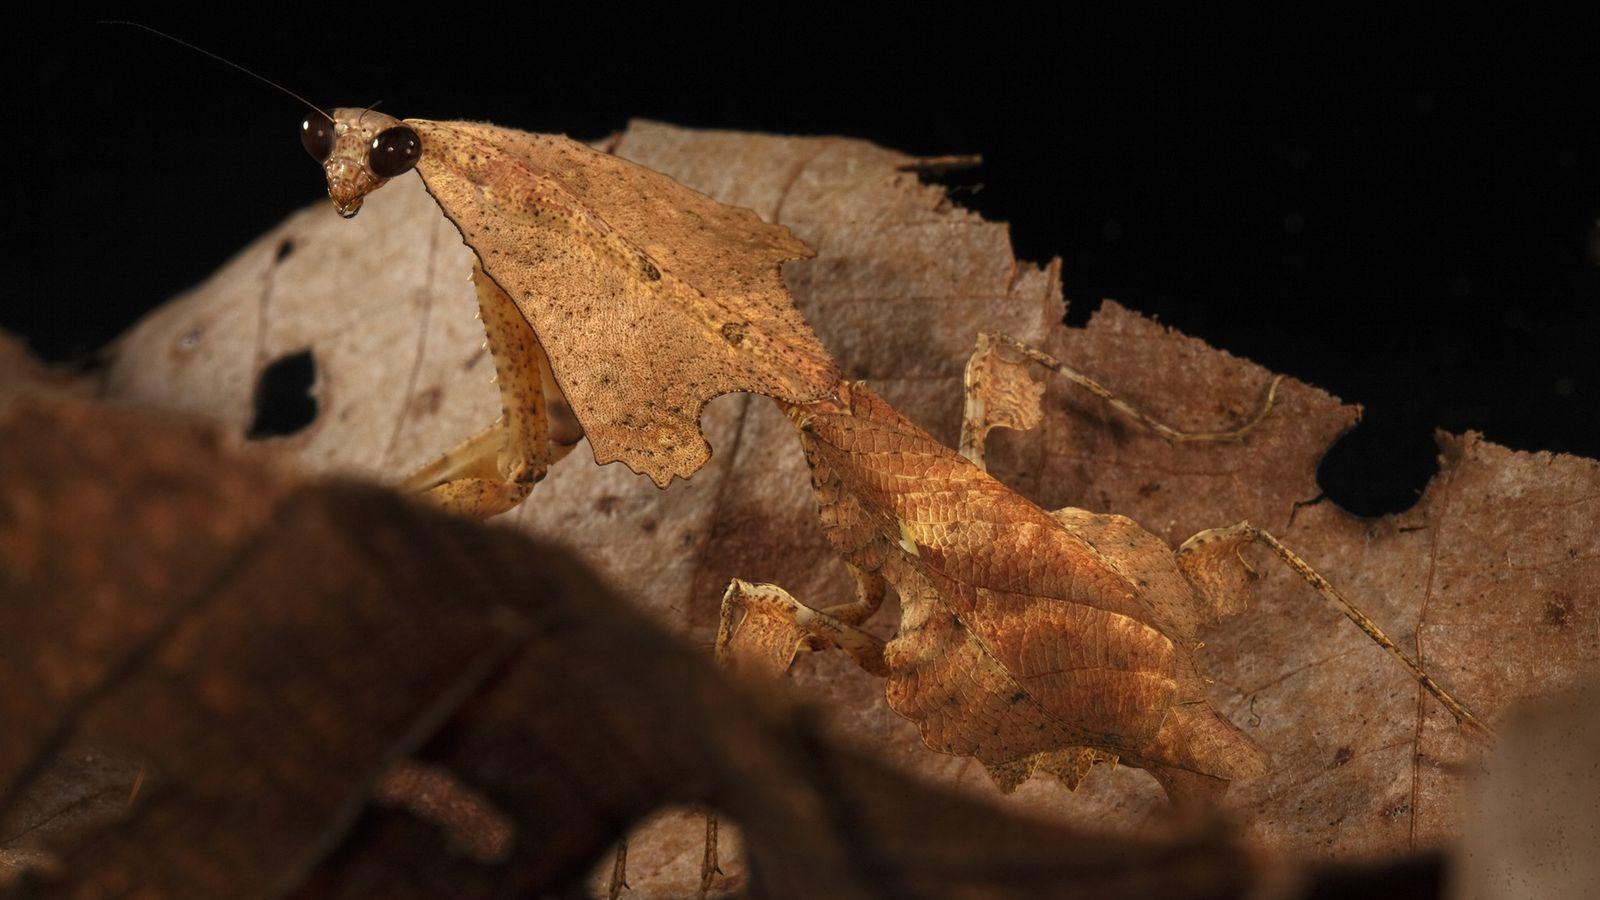 Ponta de flecha mata louva-a-deus camuflado de folha em cama de folhas